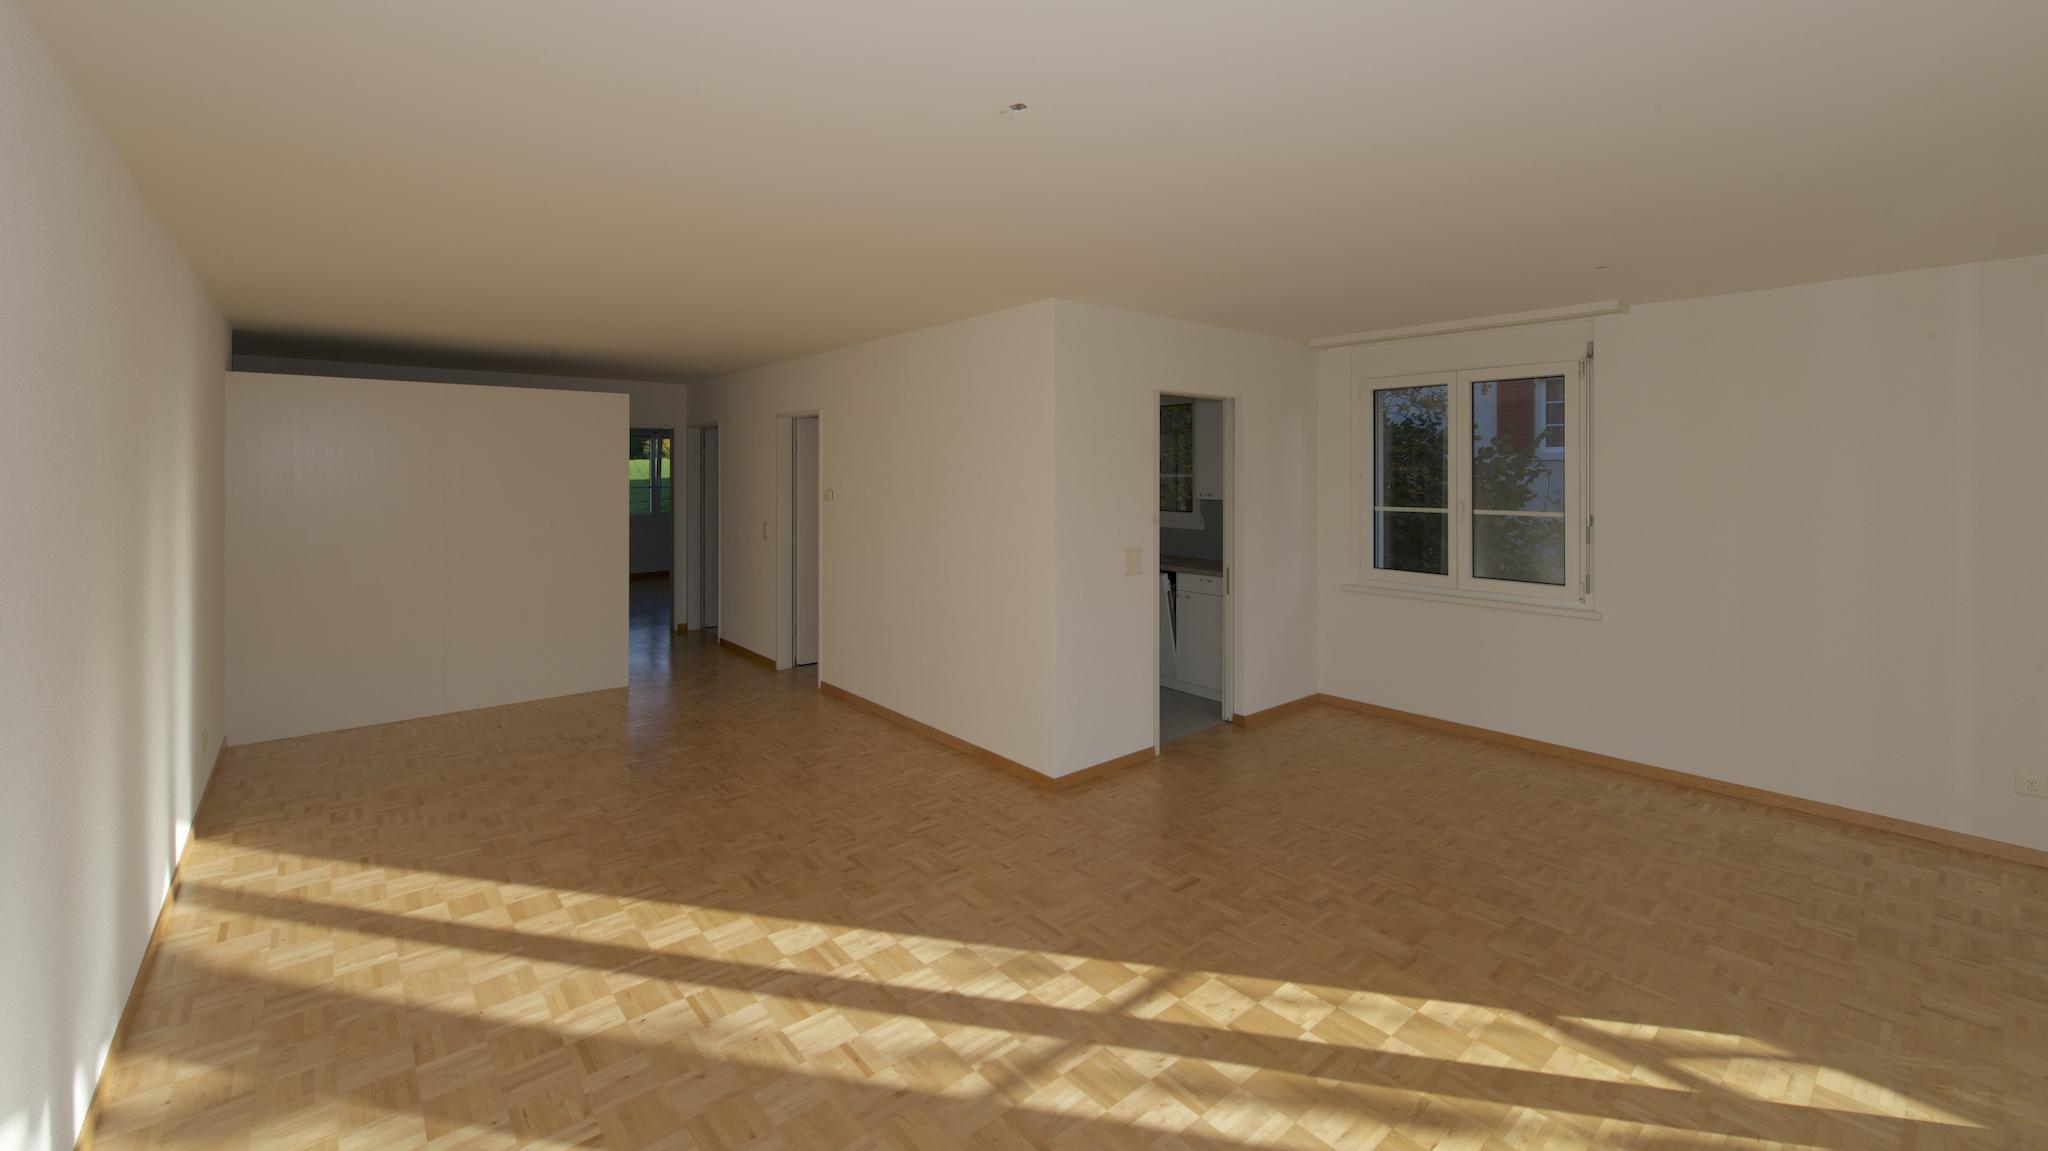 Blick in den Wohnbereich mit der Küche